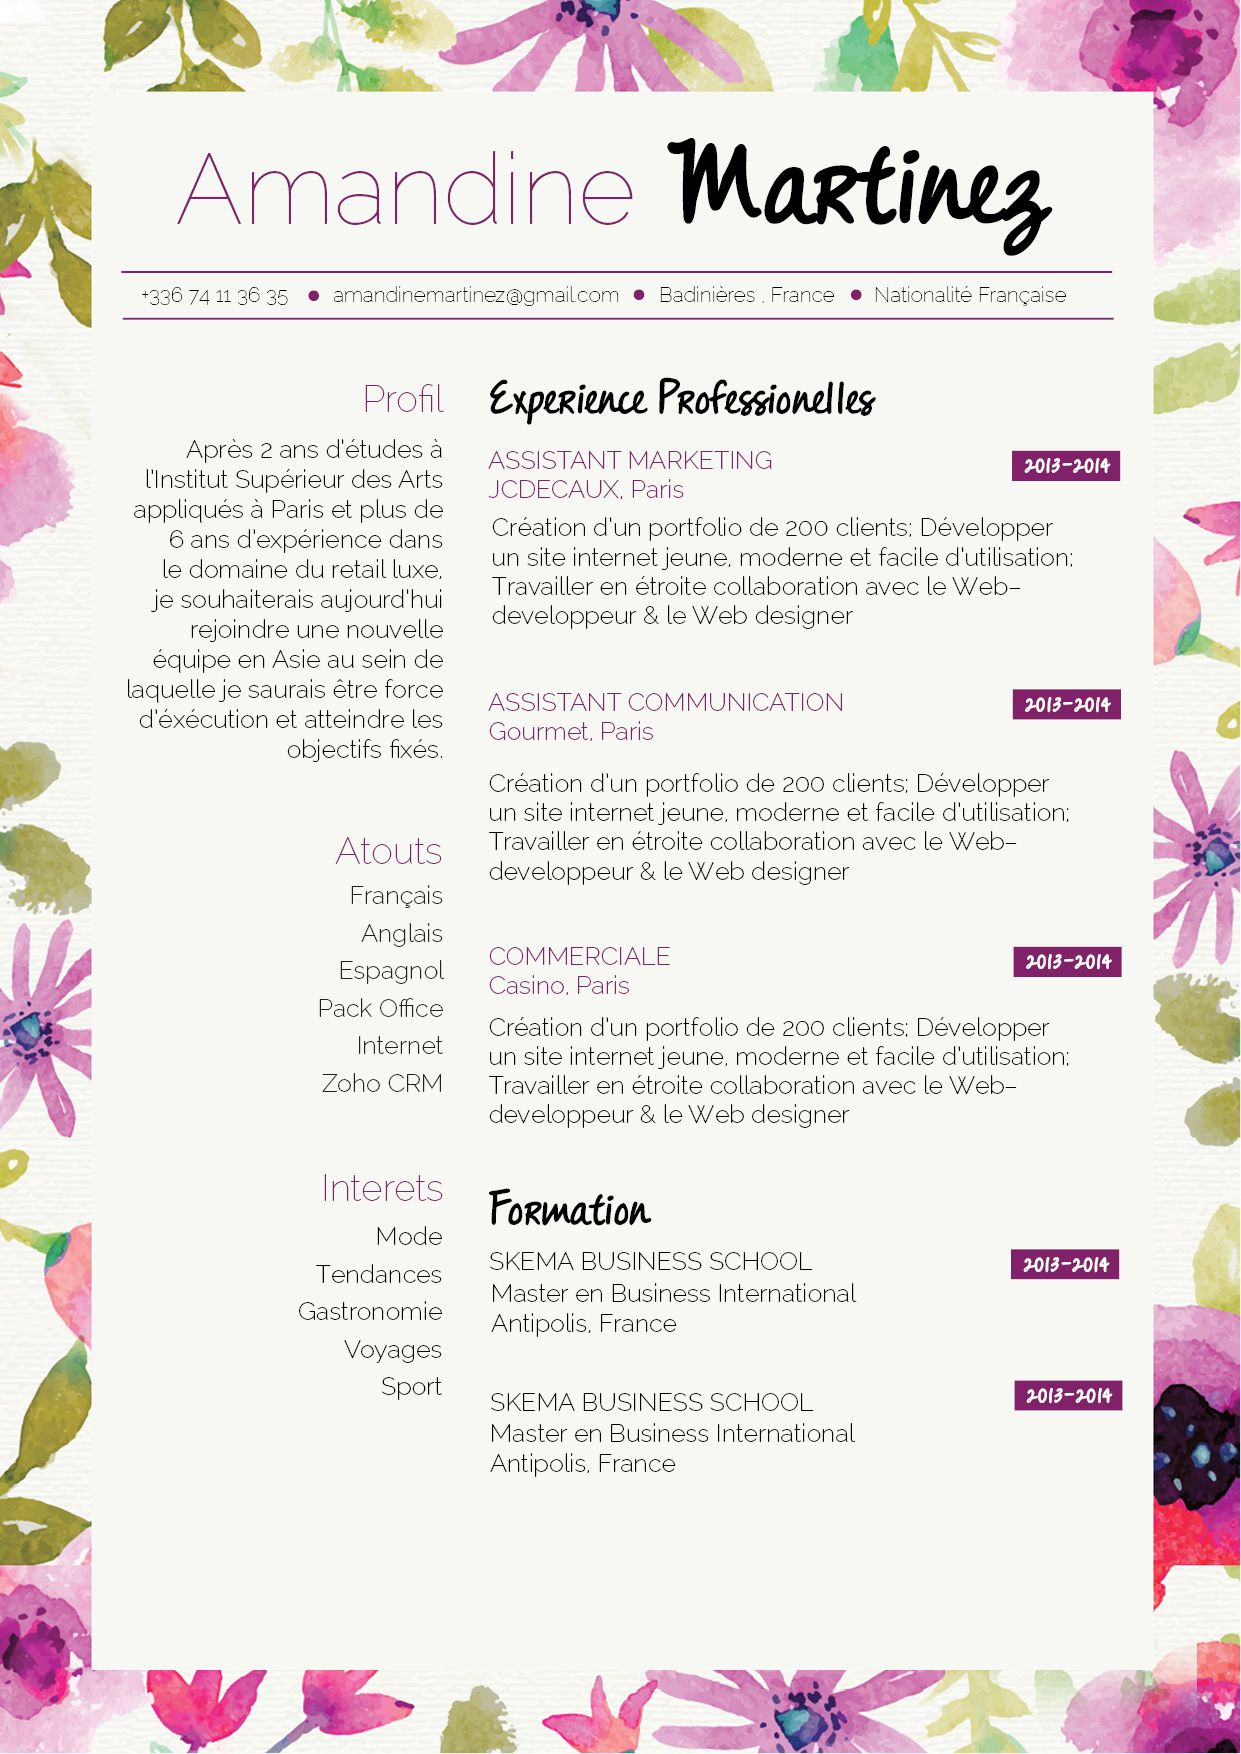 cv printanier pour un cv original  et rebooster vos candidature  frais  simple  u0026 super